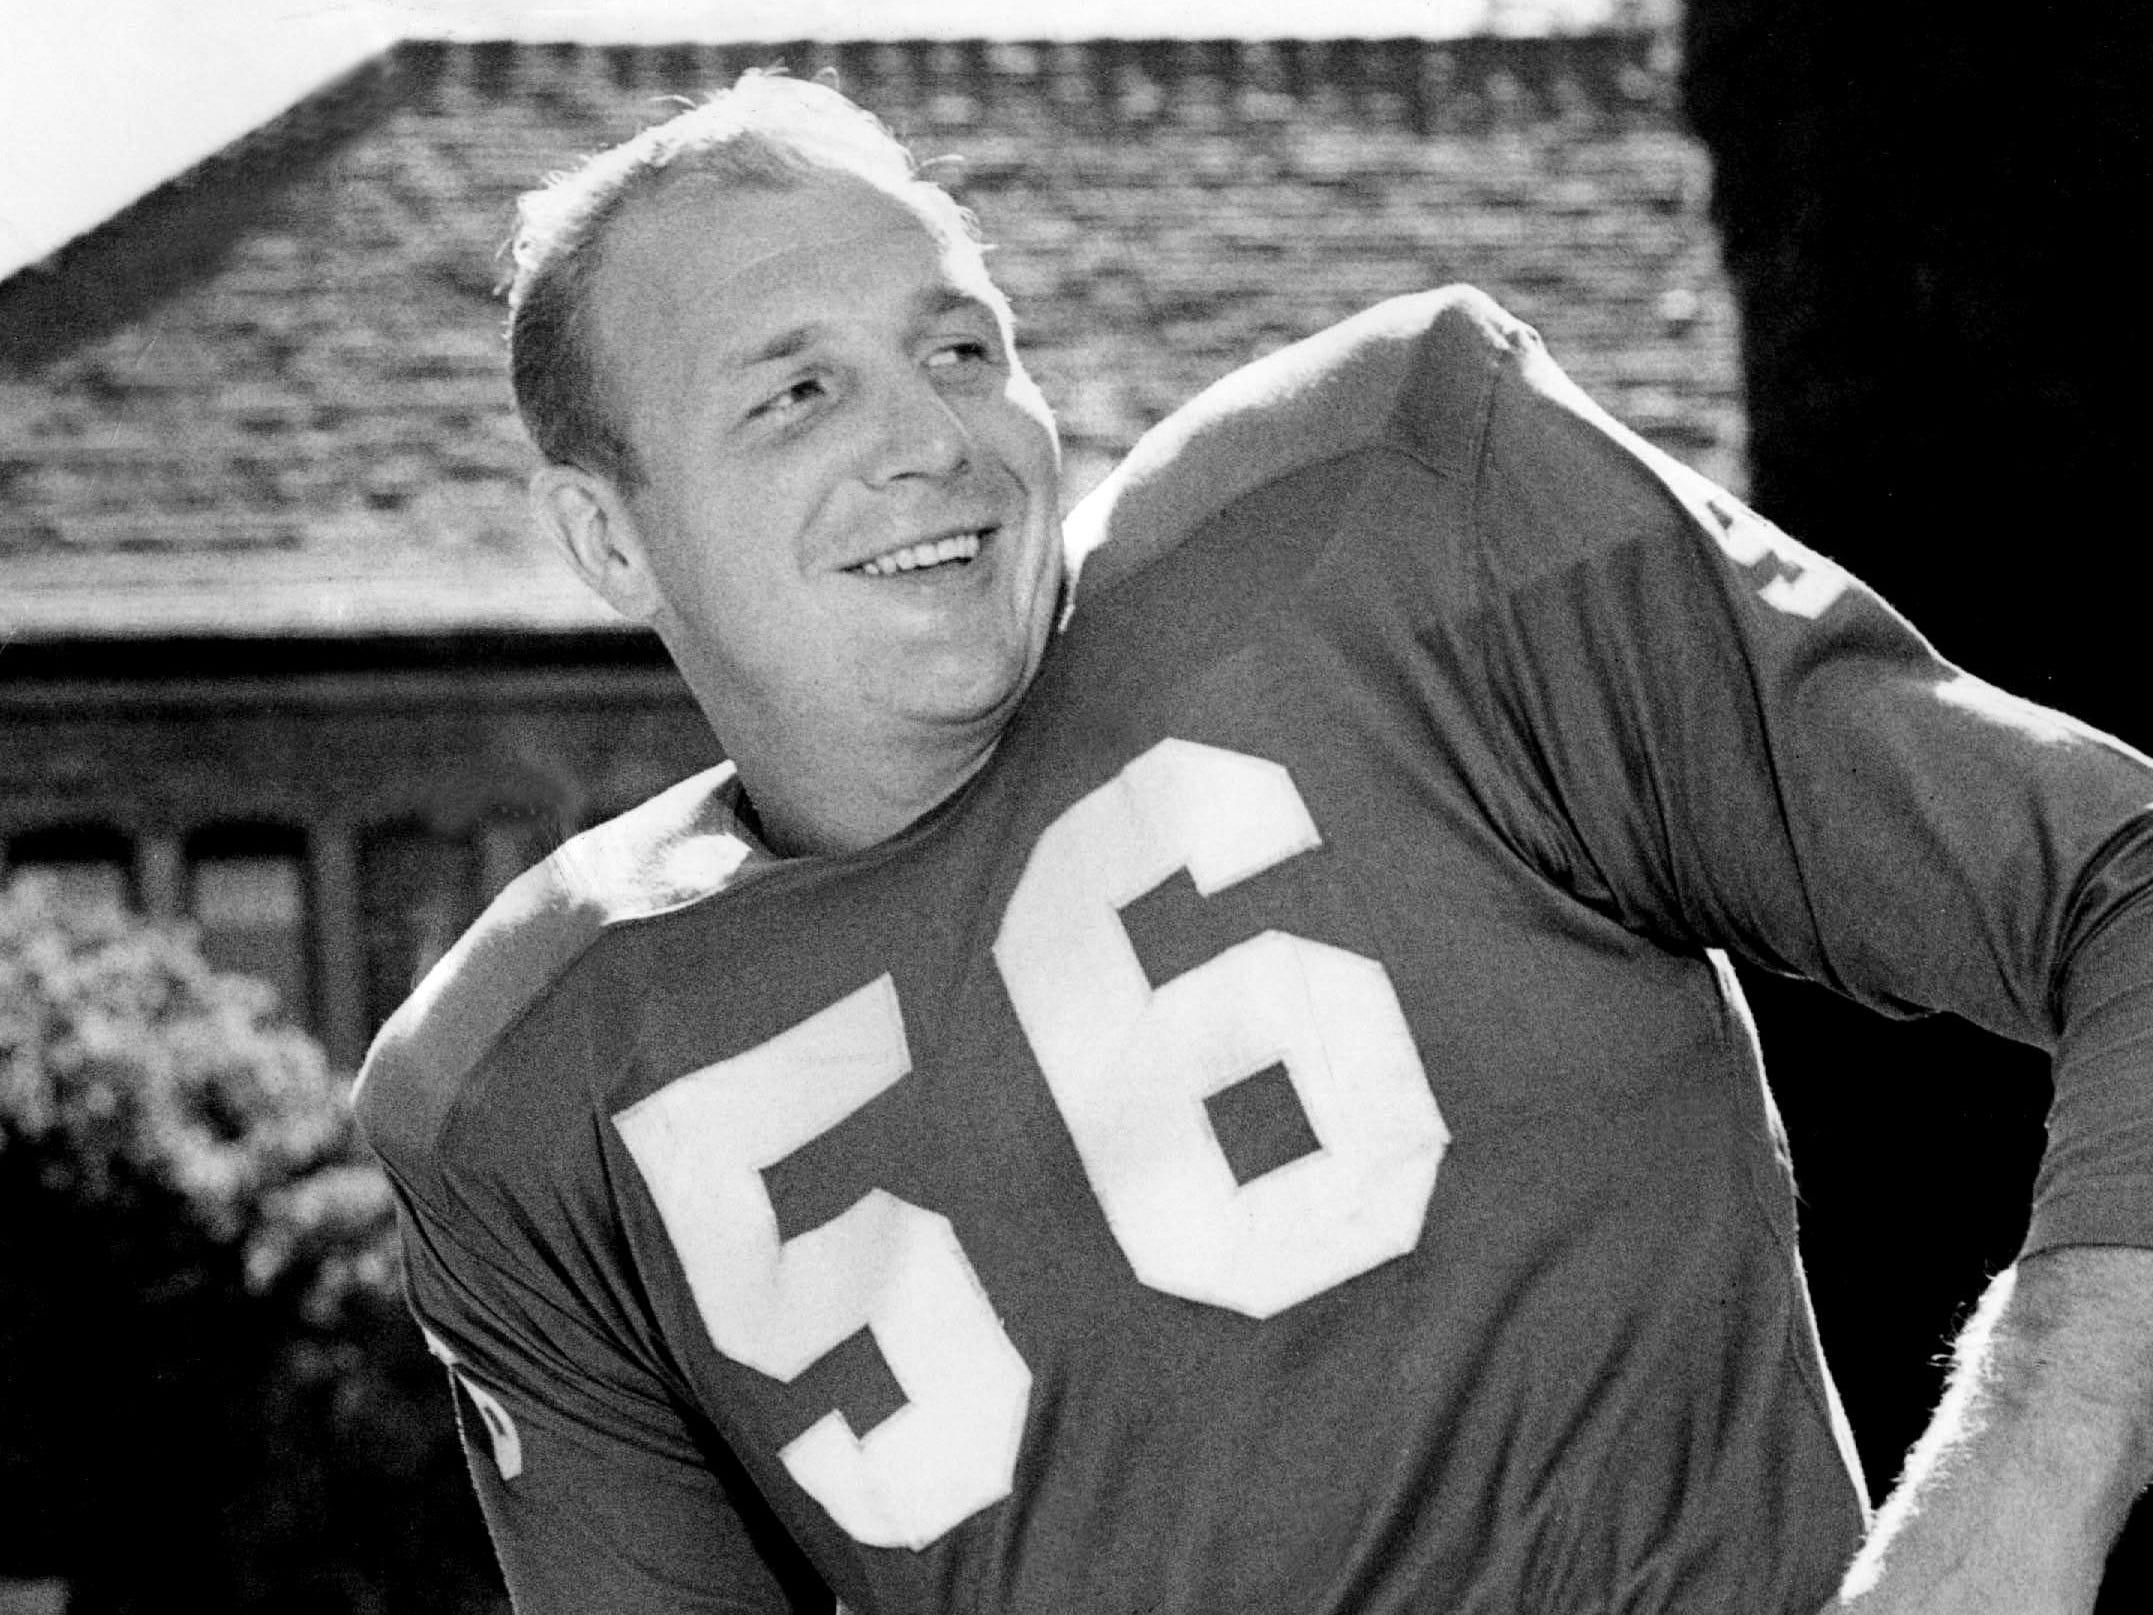 DETROIT LIONS: Joe Schmidt, LB, No. 56 (player, 1953-65; coach, 1967-72)